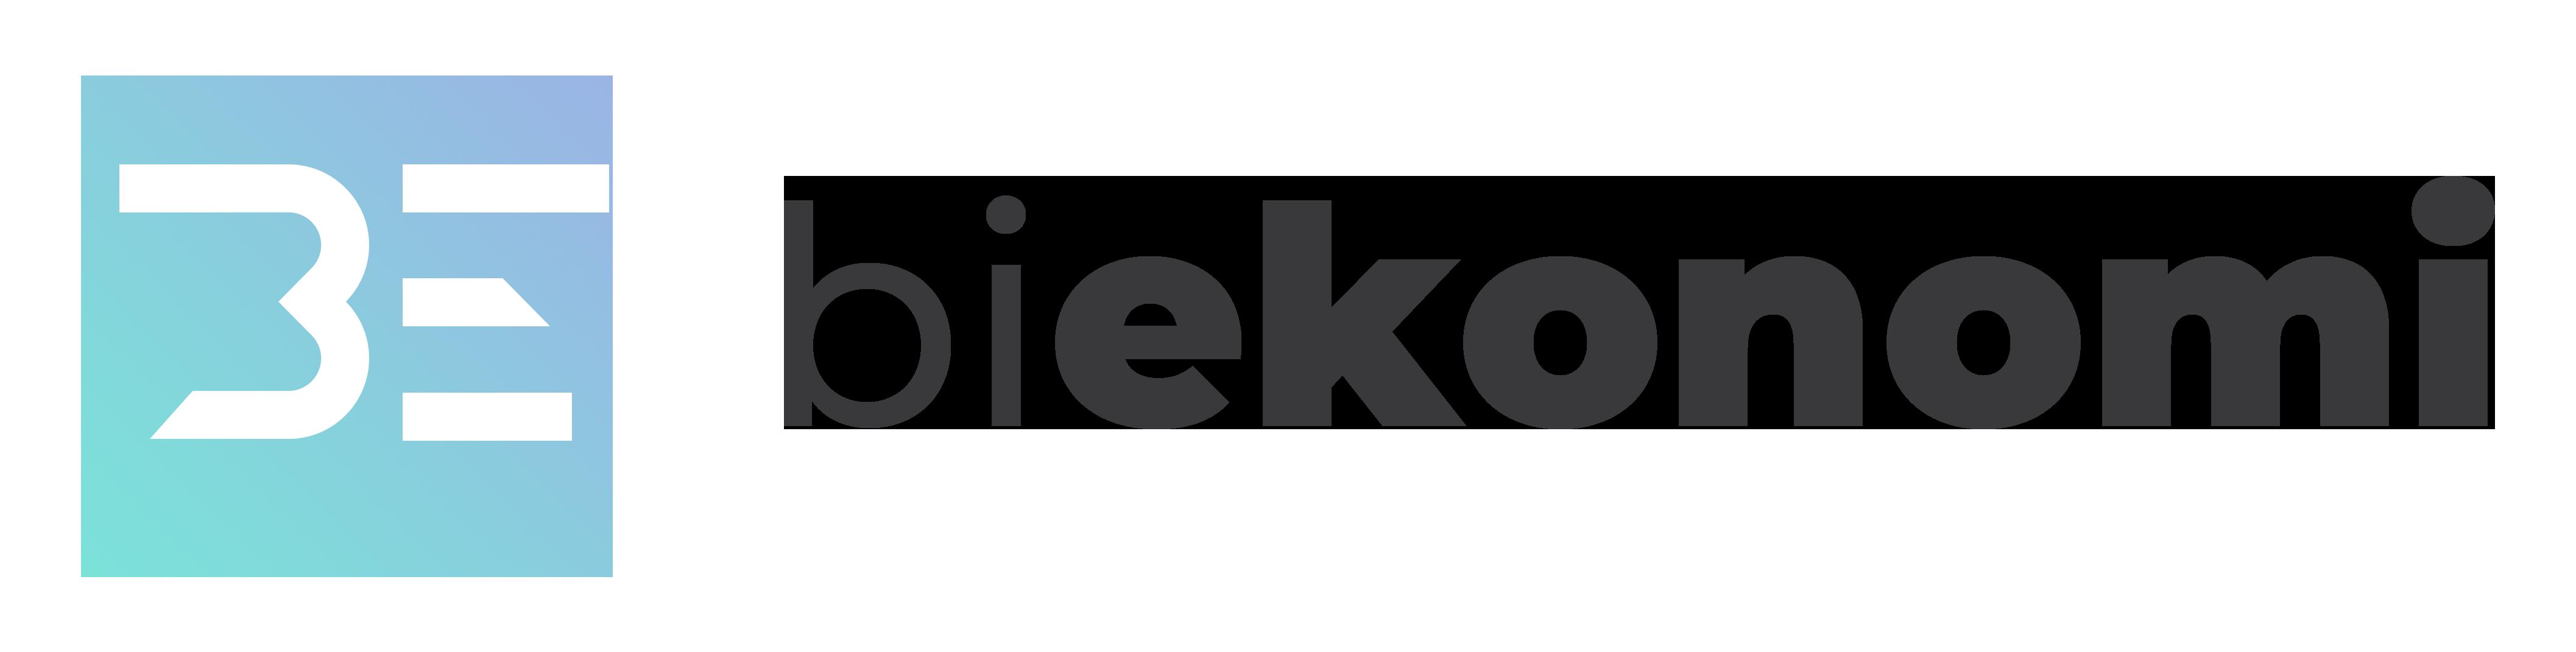 Biekonomi.net Güncel Haberler – Ekonomi – Eğitim – İş Fikirleri